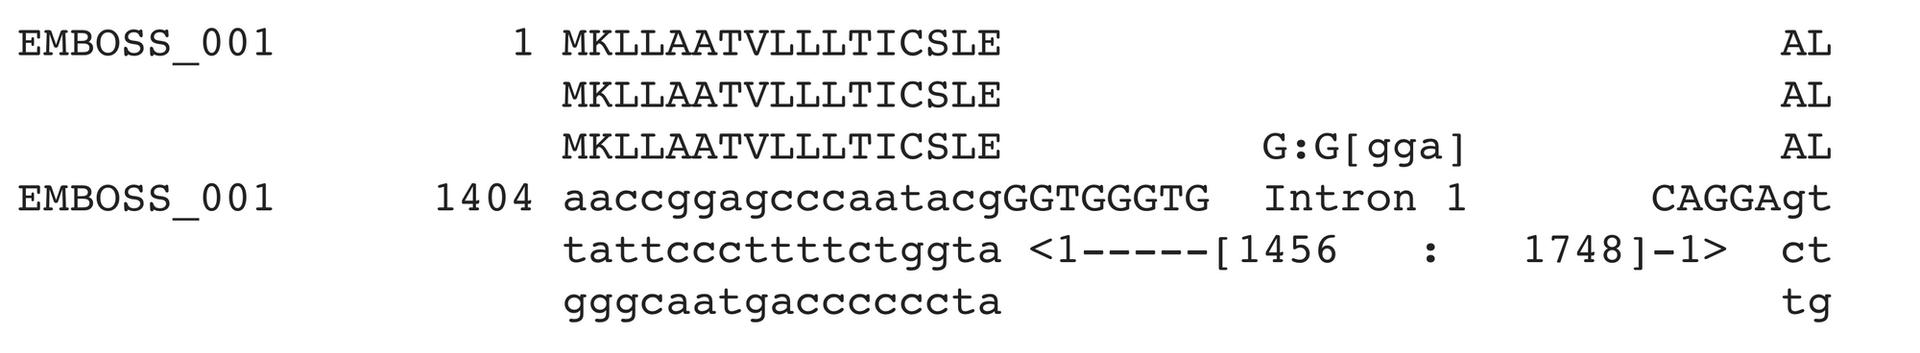 DNA Analysis--Genome Analysis (2).png